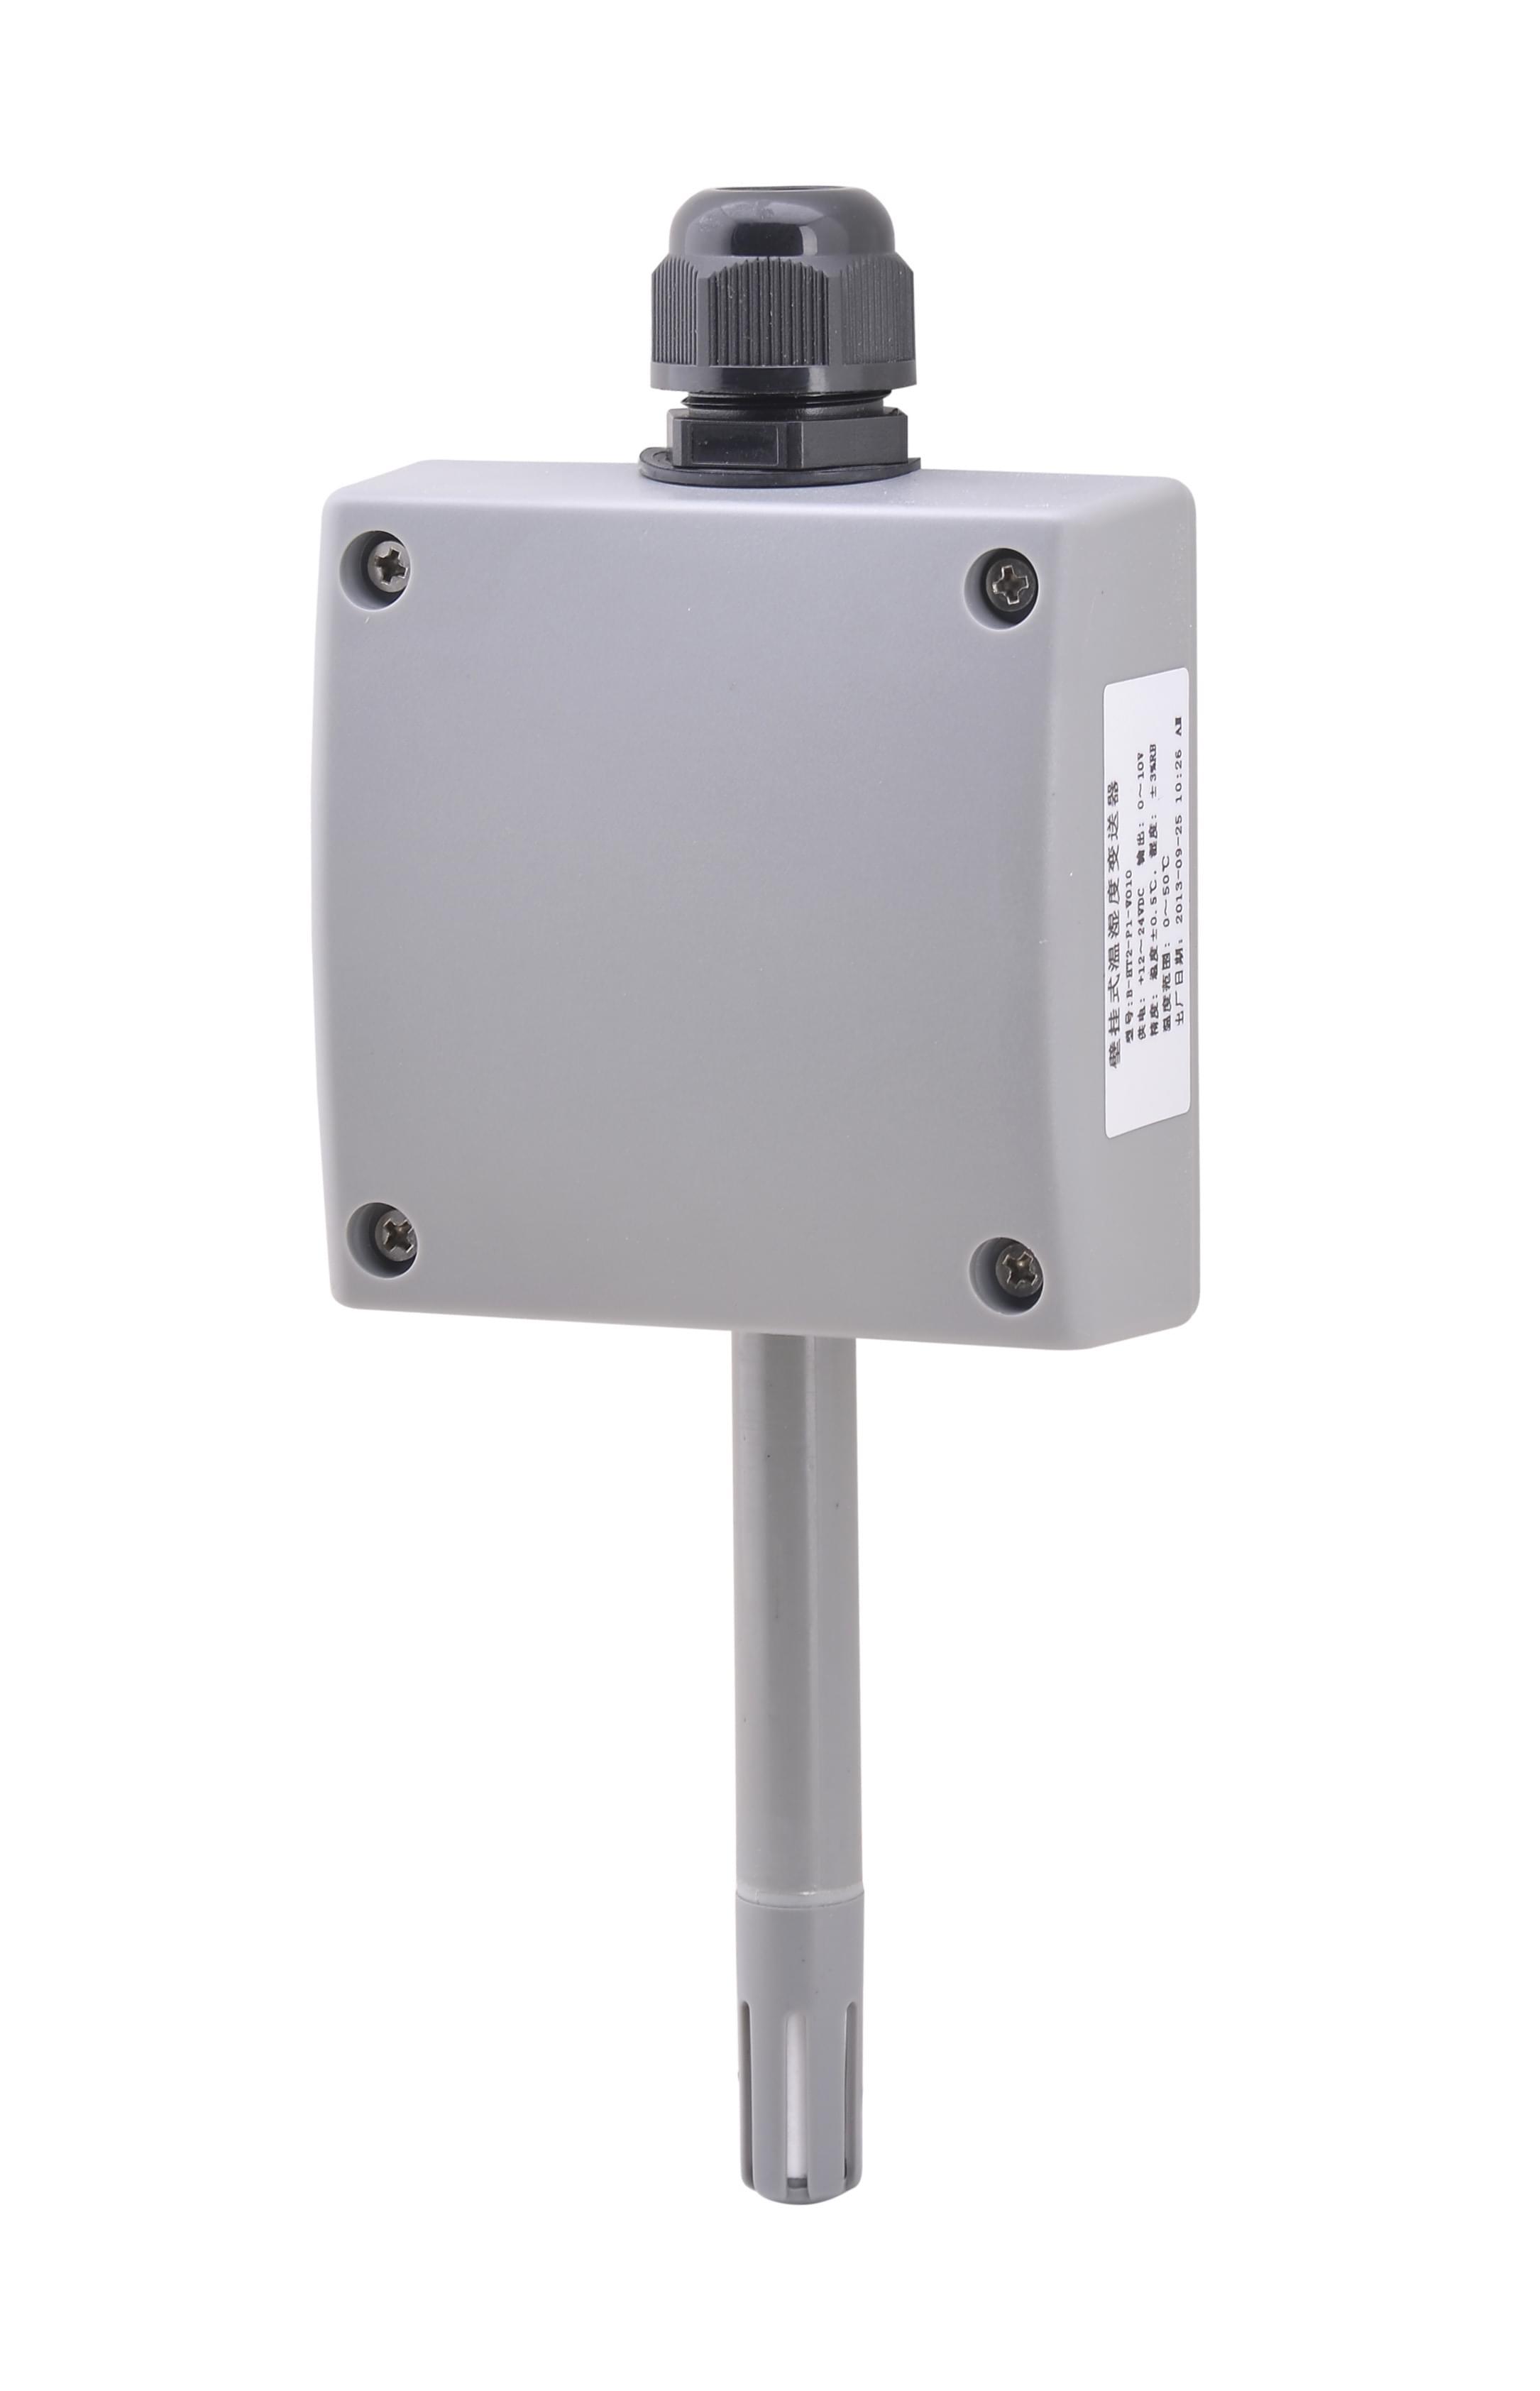 珀蓝特温湿度变送器 比例积分阀传感器 联系珀蓝特